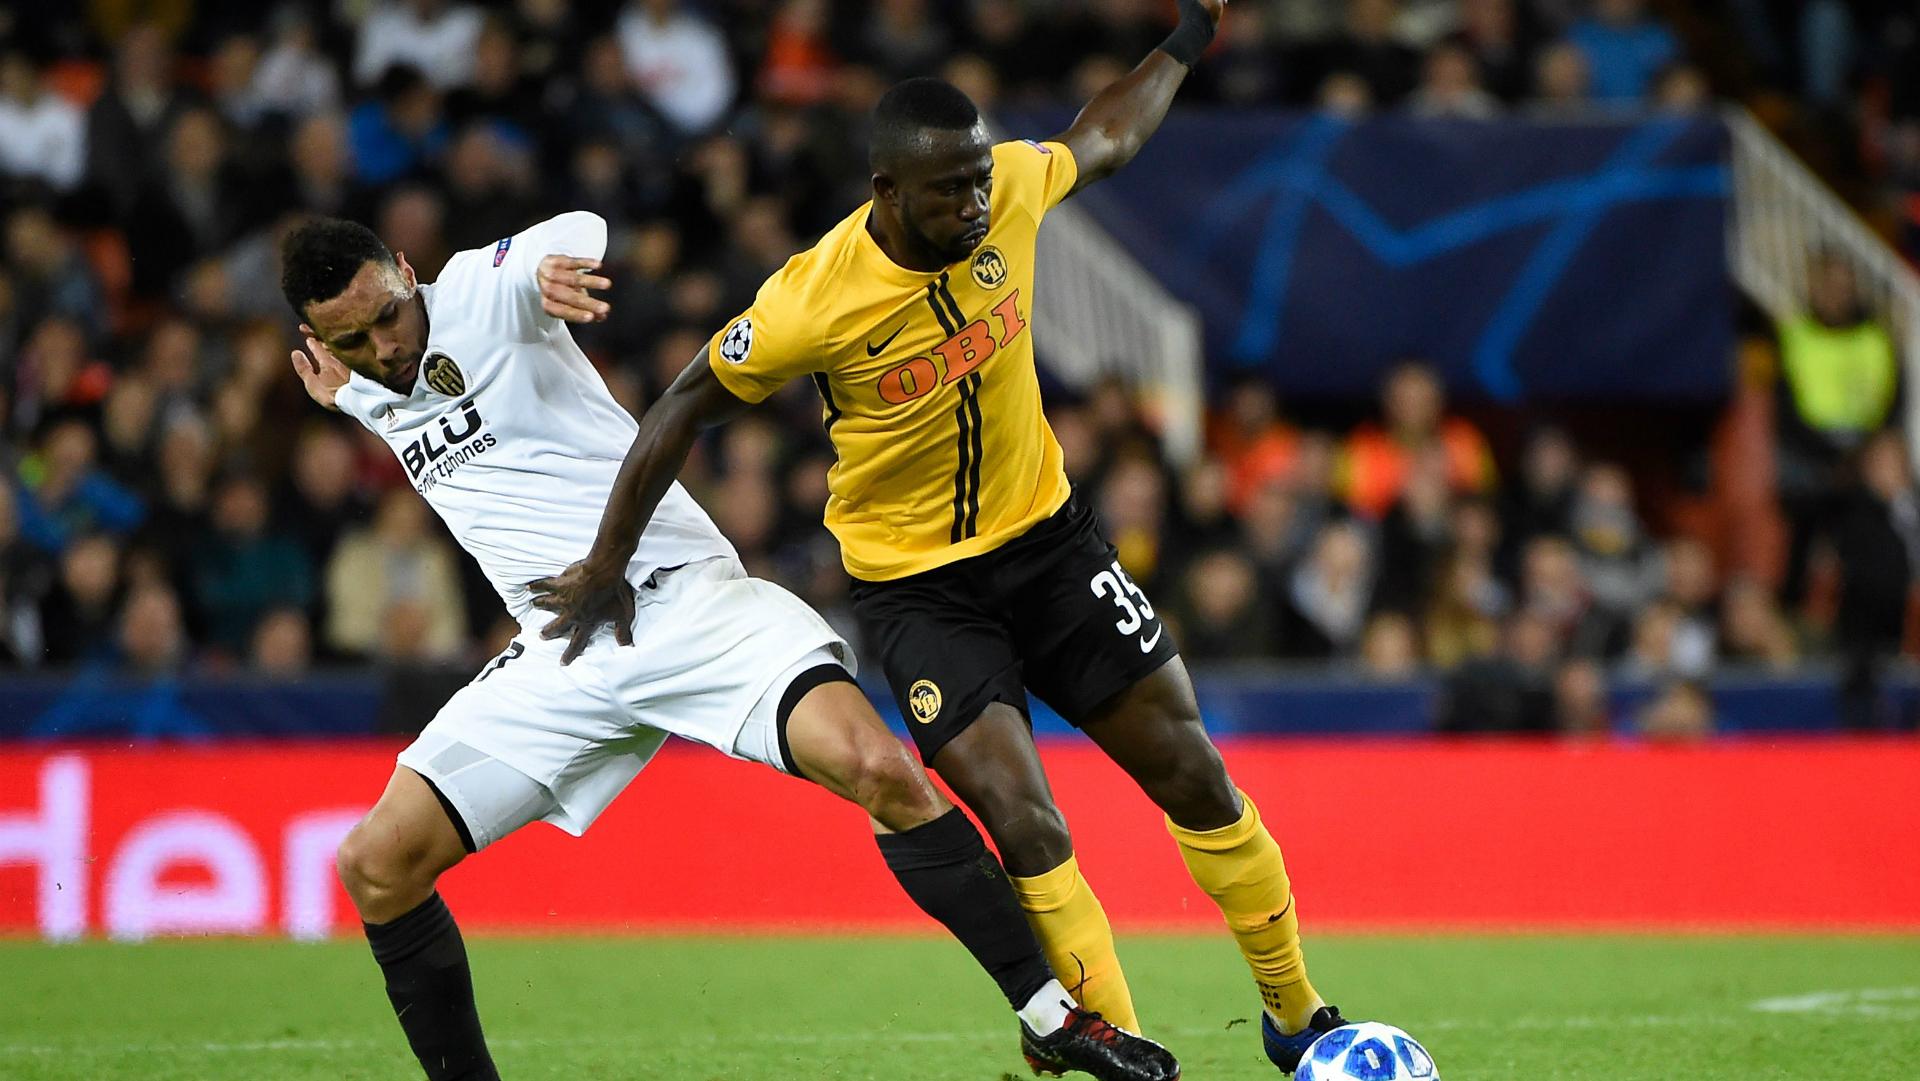 Sekou Sanogo Young Boys Man United Champions League 2018